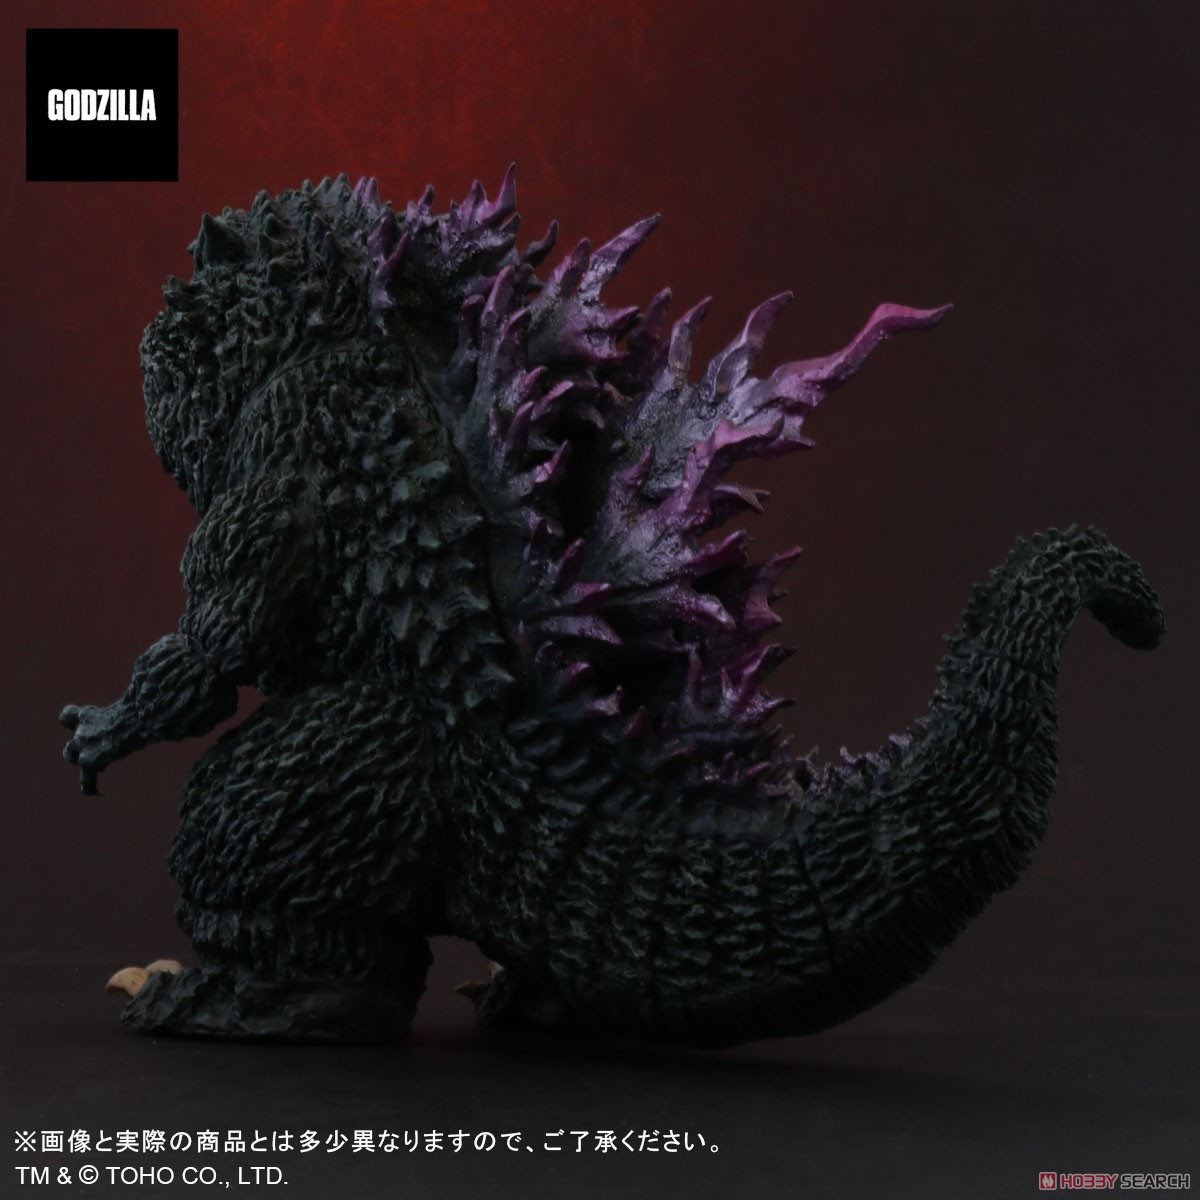 デフォリアル『ゴジラ(2000)一般流通版』ゴジラ×メガギラス デフォルメ完成品フィギュア-003